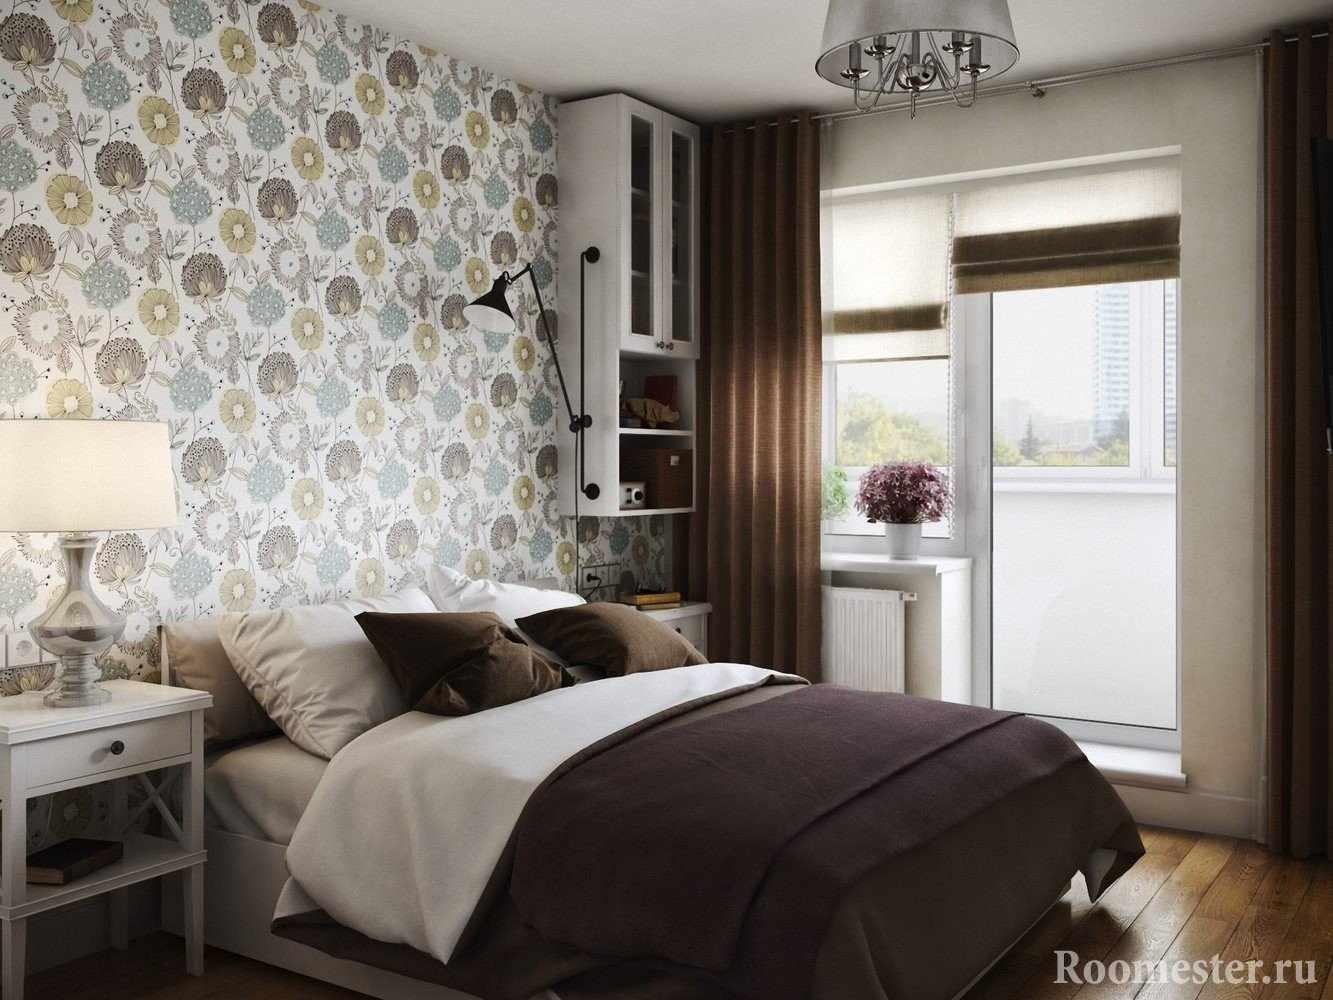 Сочетание обоев в маленькой спальне